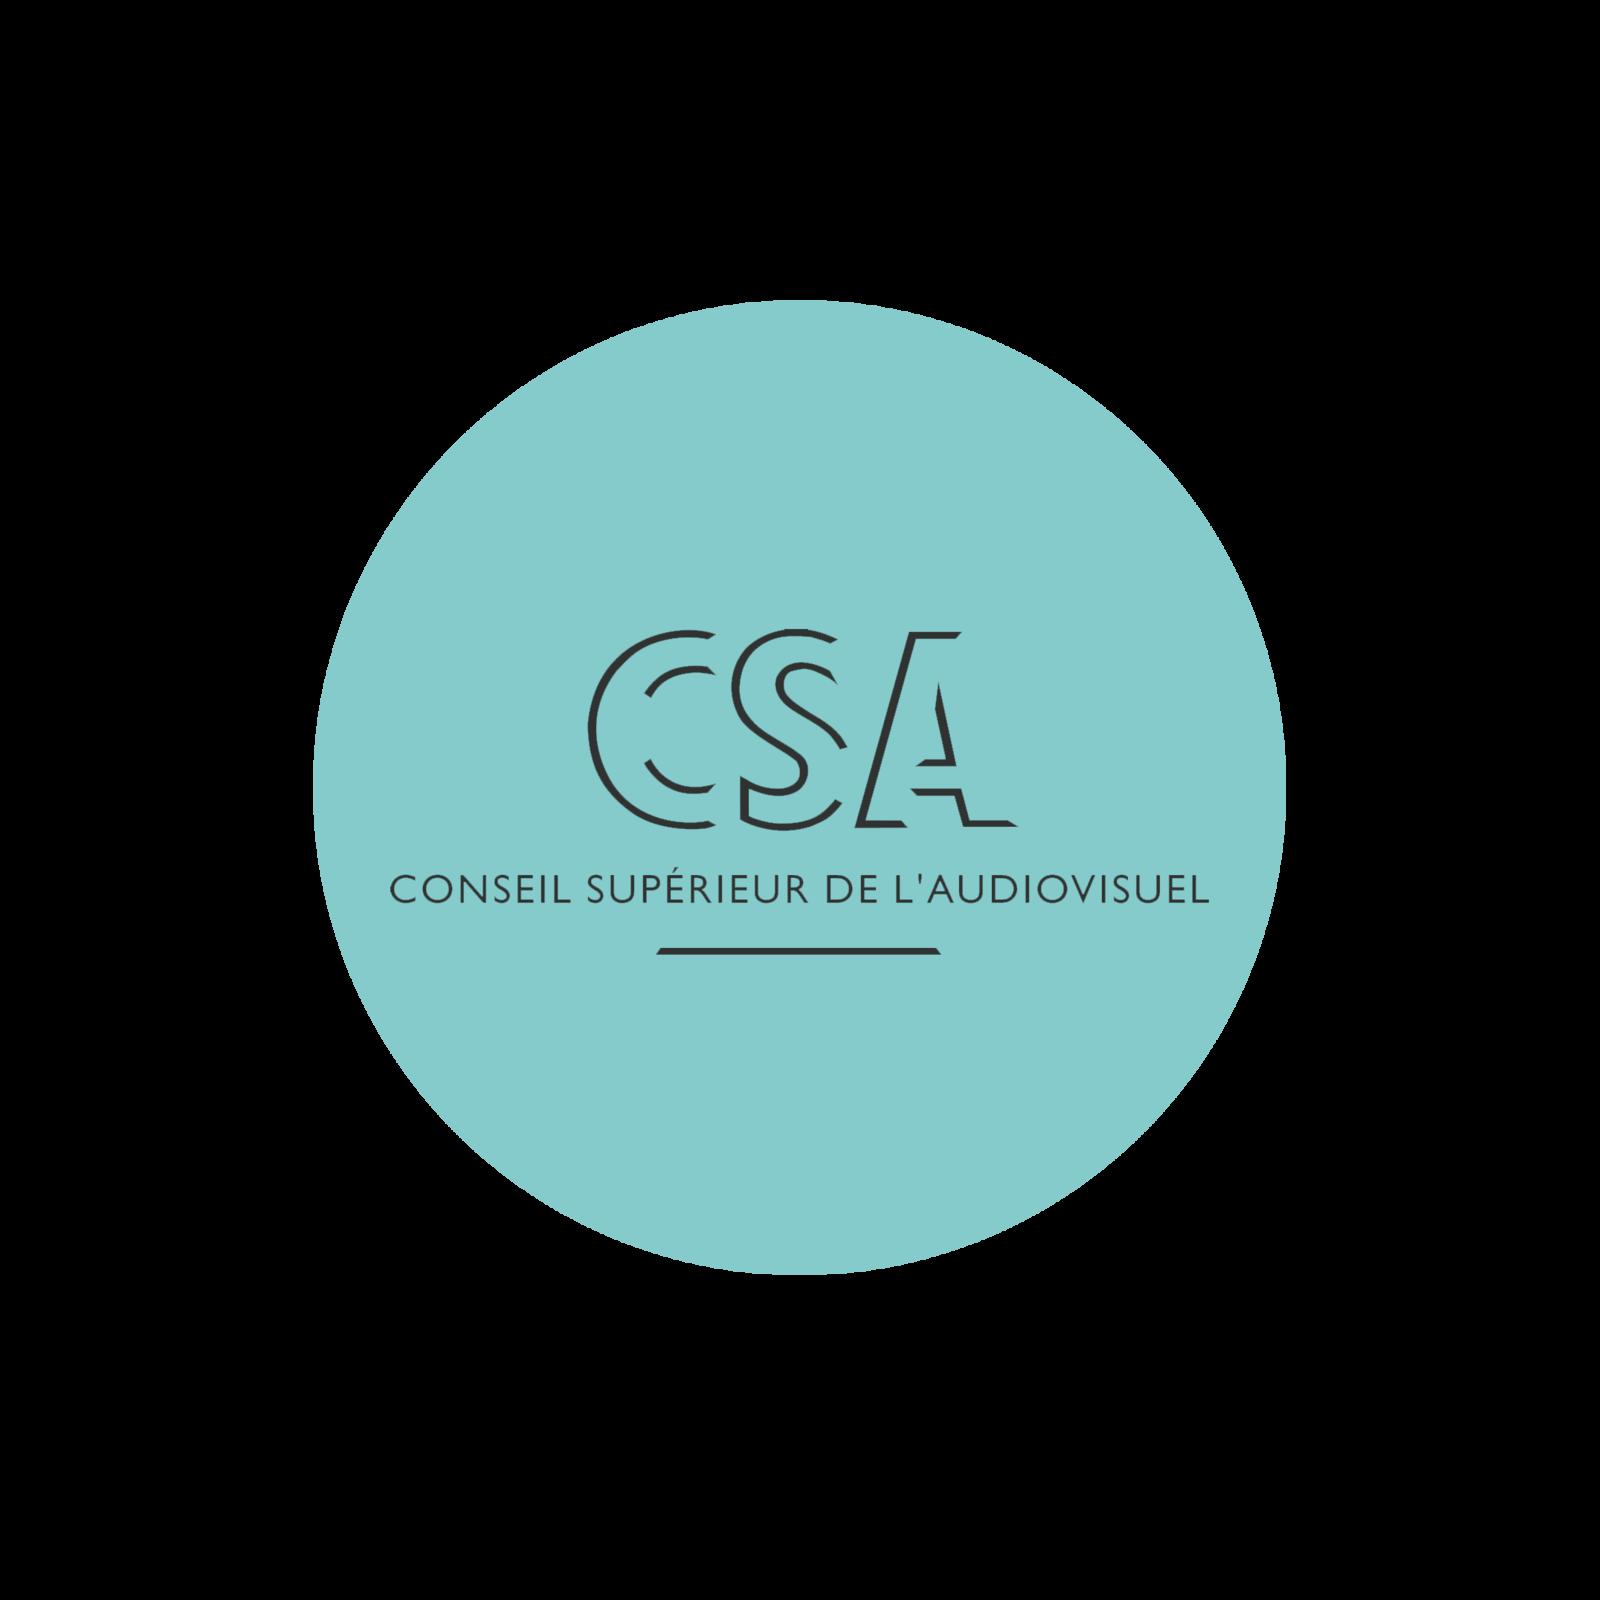 Sanction du CSA à l'encontre de Radio Courtoisie : amende de 25.000 euros.